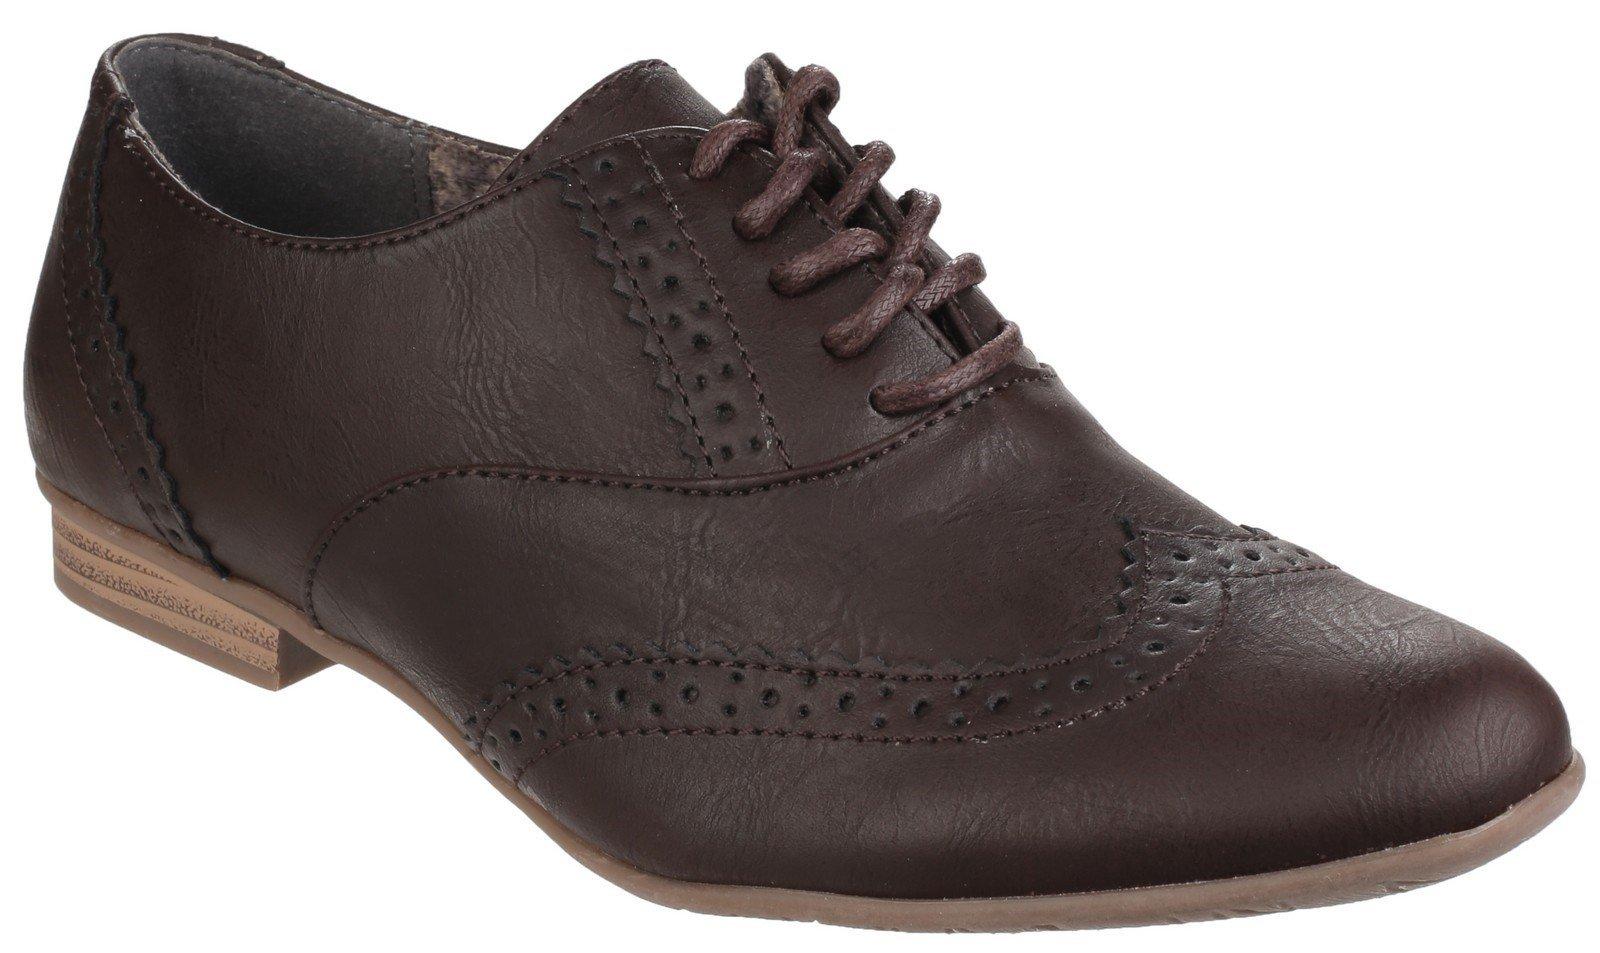 Divaz Women's Levato Lace Up Brogue Shoe Black 24275-40030 - Brown 3